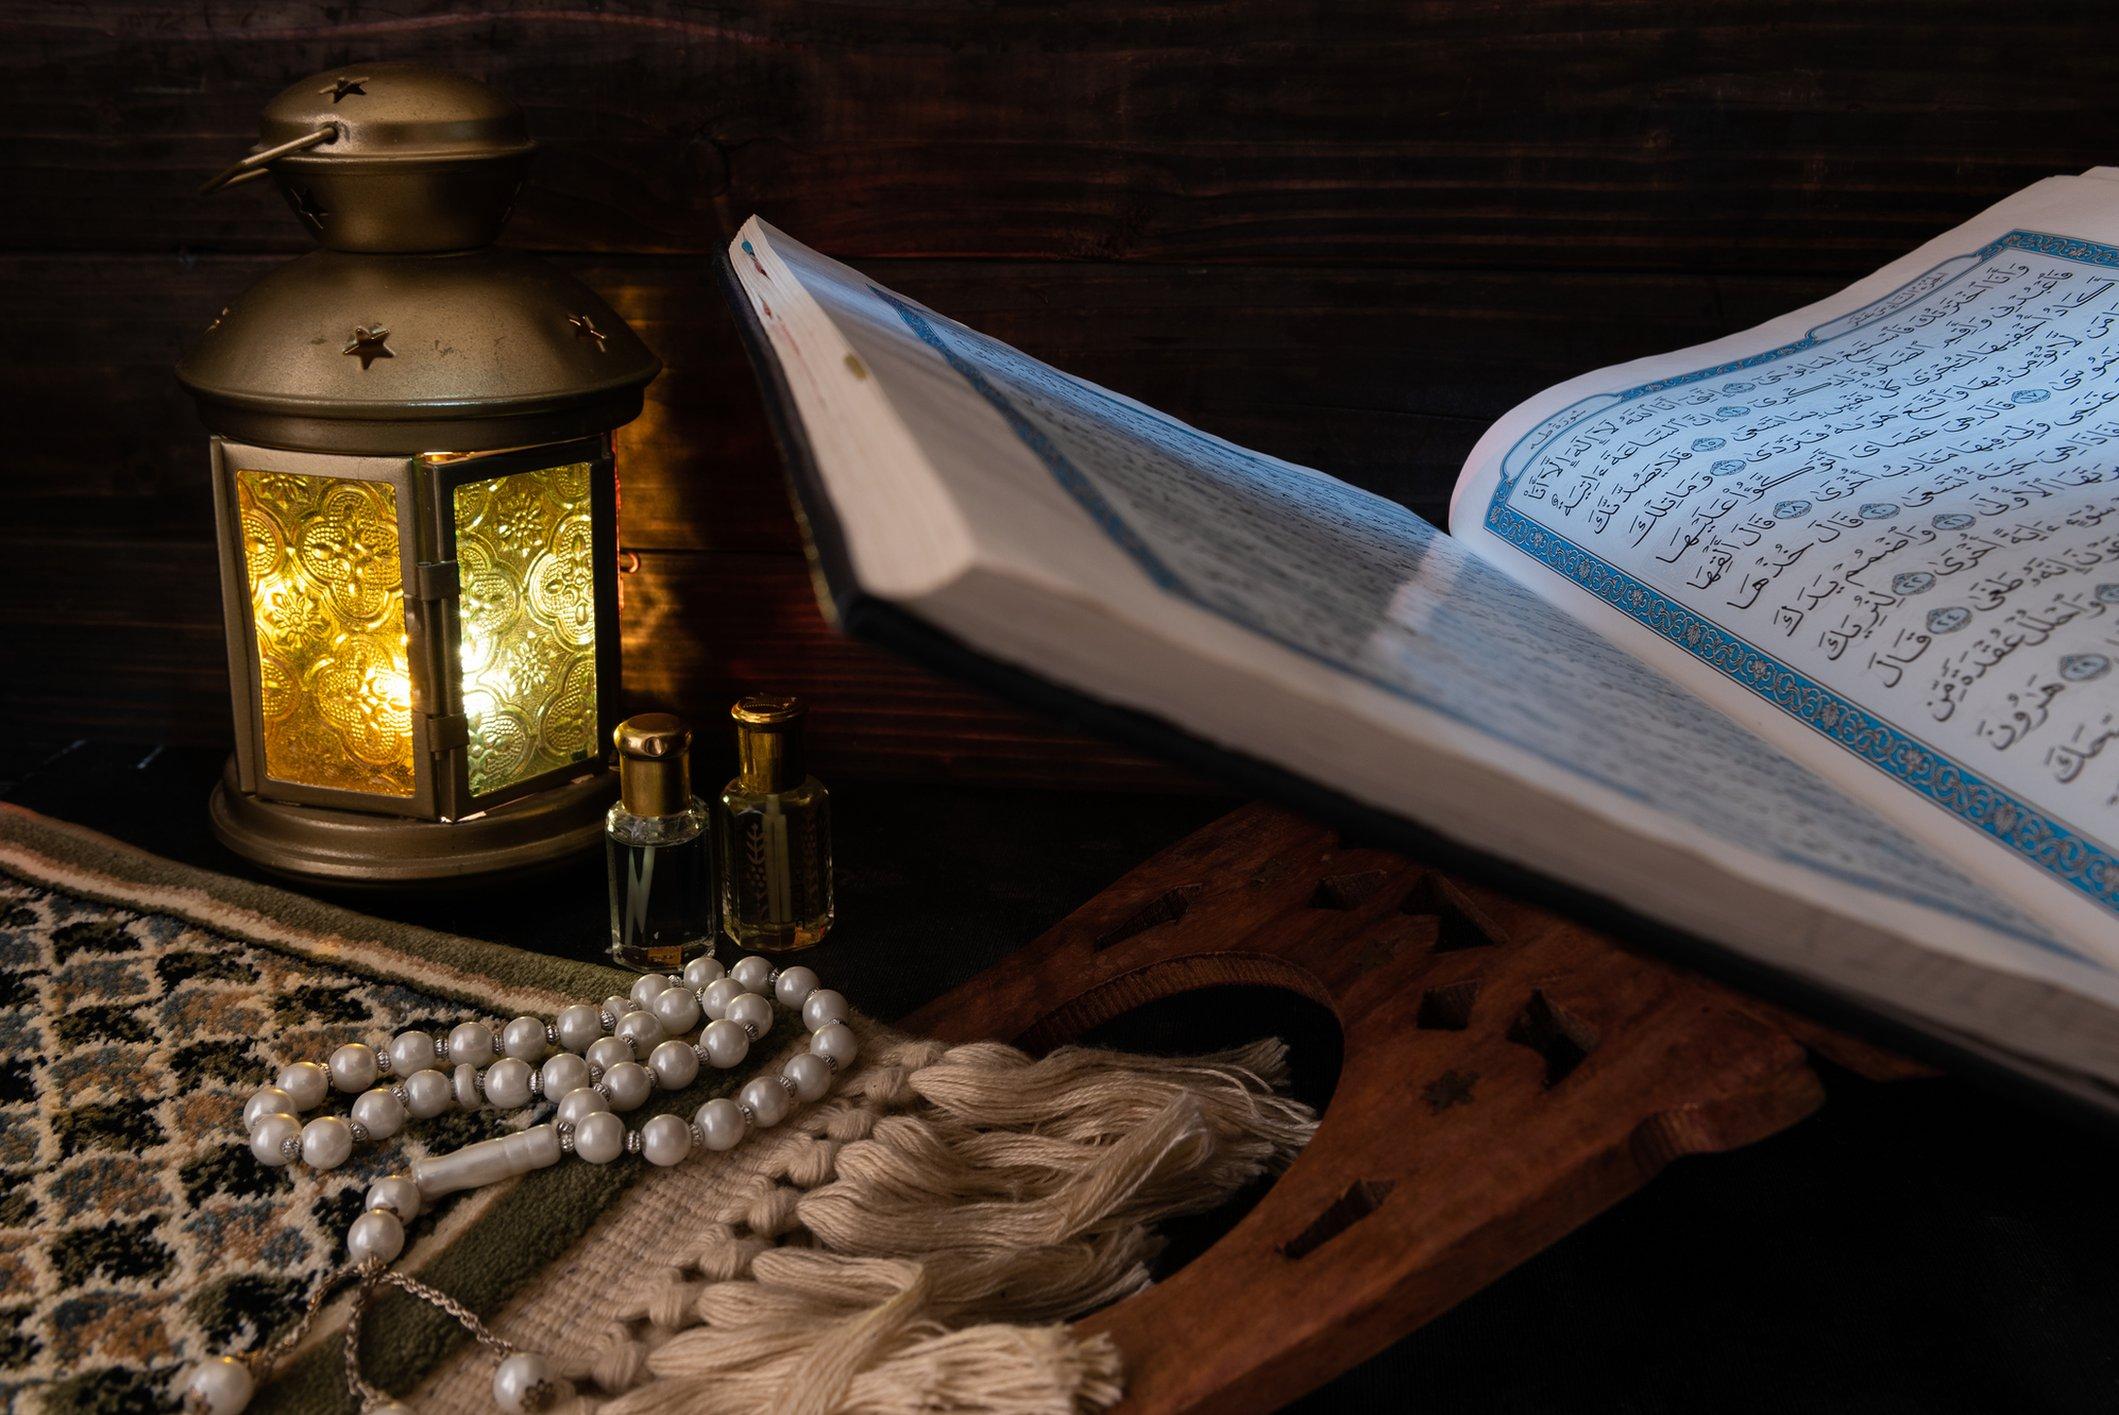 صورة لكتاب القرآن